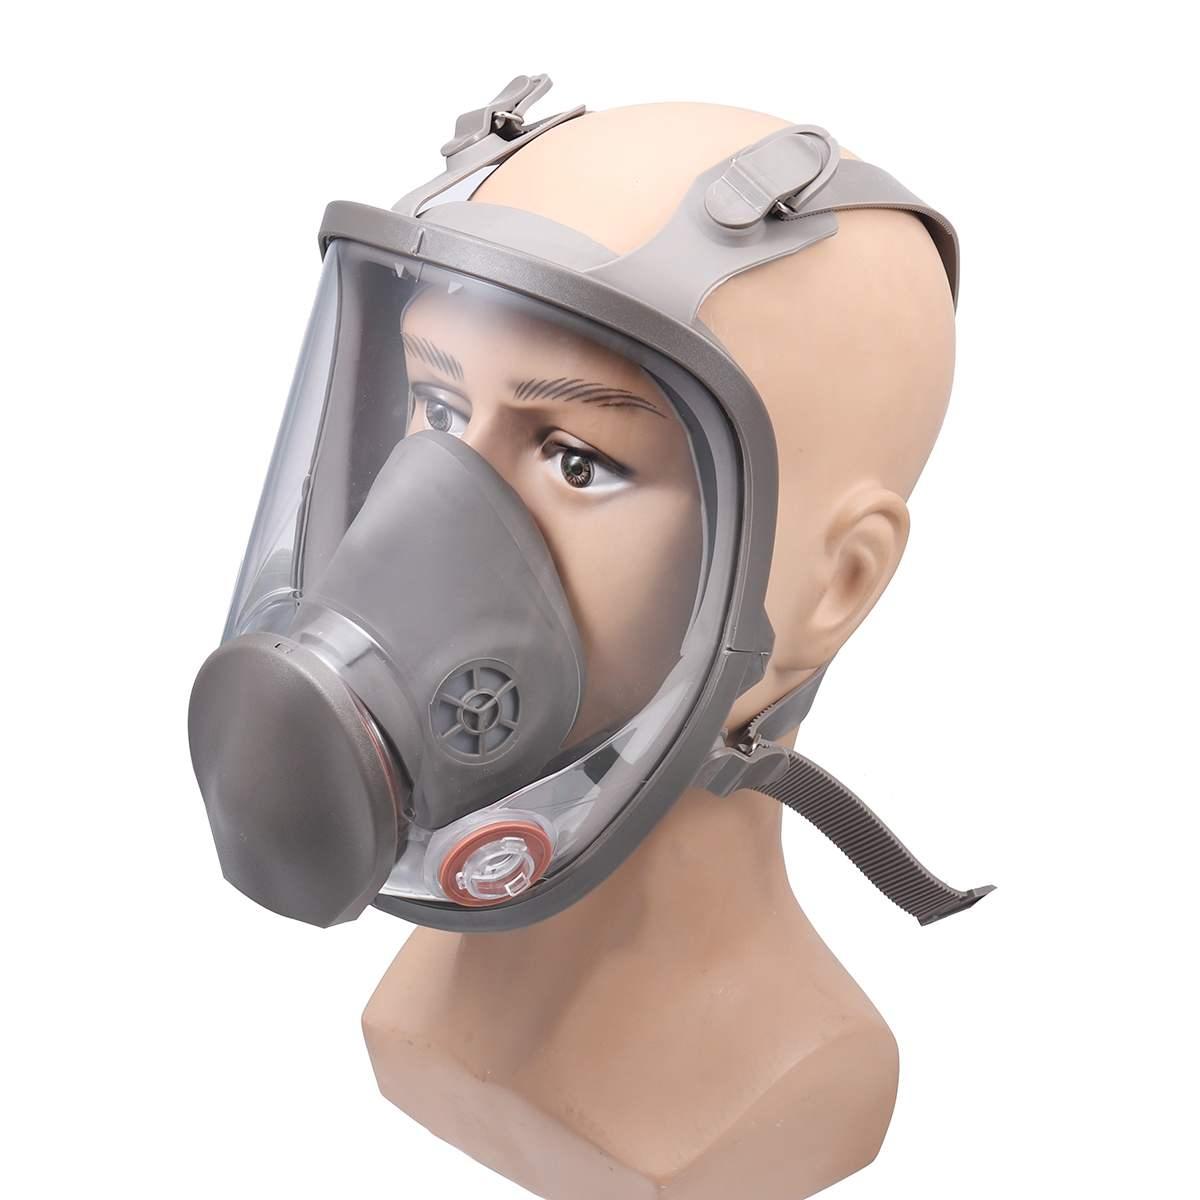 Riutilizzabile 6800 Pieno Viso Maschera Antigas A Spruzzo Pittura Respiratore Silicone Viso pezzo Impianto di Sicurezza Polvere Maschera di Protezione UV ProteggereRiutilizzabile 6800 Pieno Viso Maschera Antigas A Spruzzo Pittura Respiratore Silicone Viso pezzo Impianto di Sicurezza Polvere Maschera di Protezione UV Proteggere